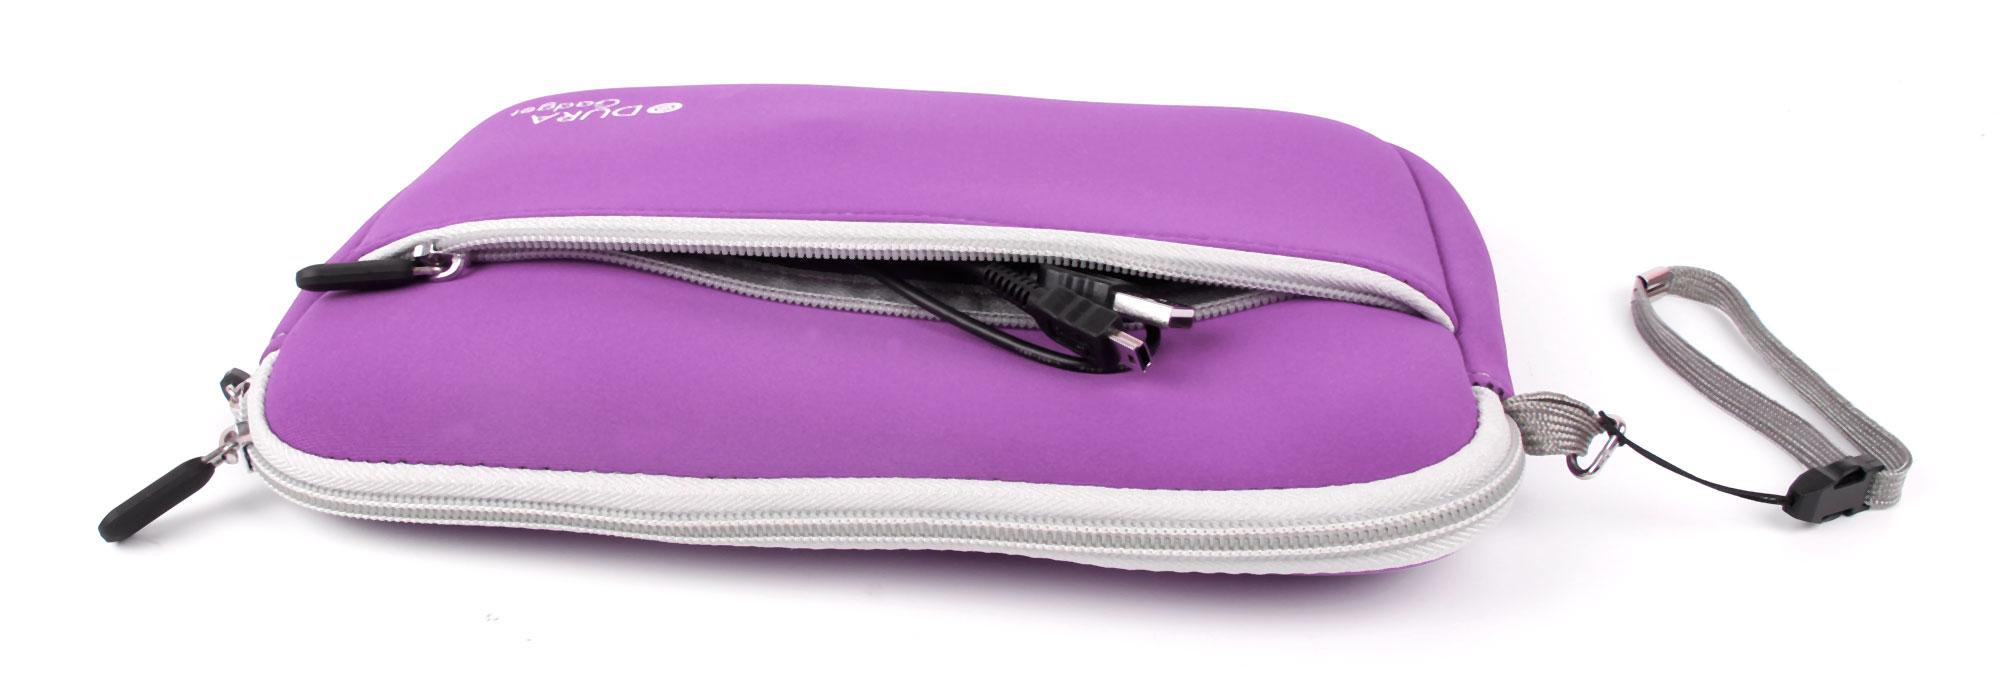 Purple Neoprene Carry Case For Leapfrog Leappad Ultra